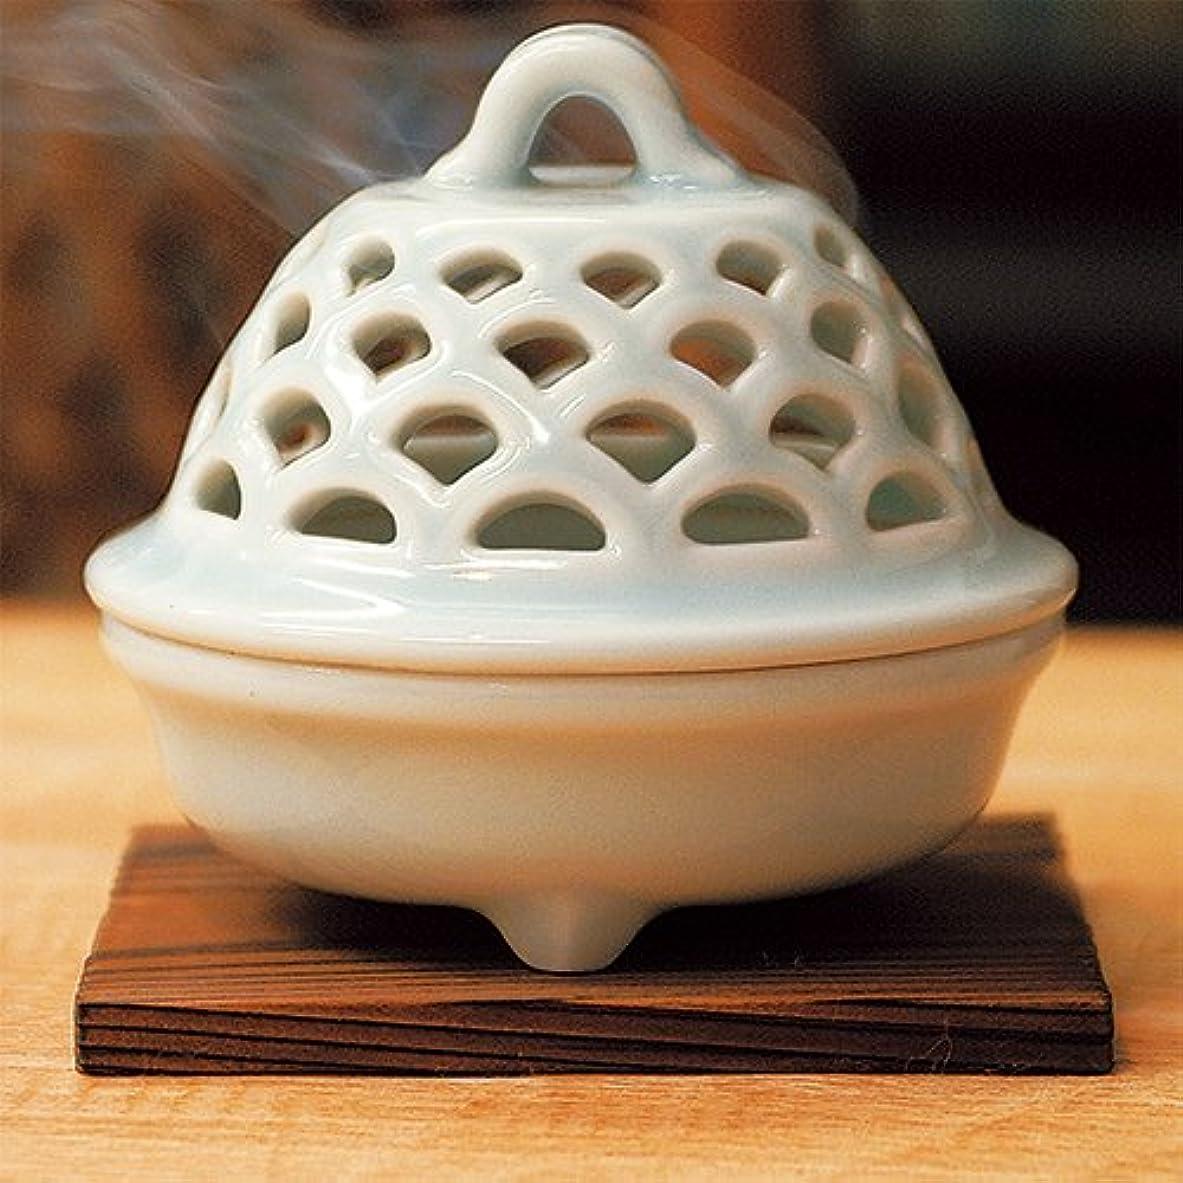 制約力区別する香炉 青磁 透し彫り 香炉 [R9.5xH9cm] プレゼント ギフト 和食器 かわいい インテリア